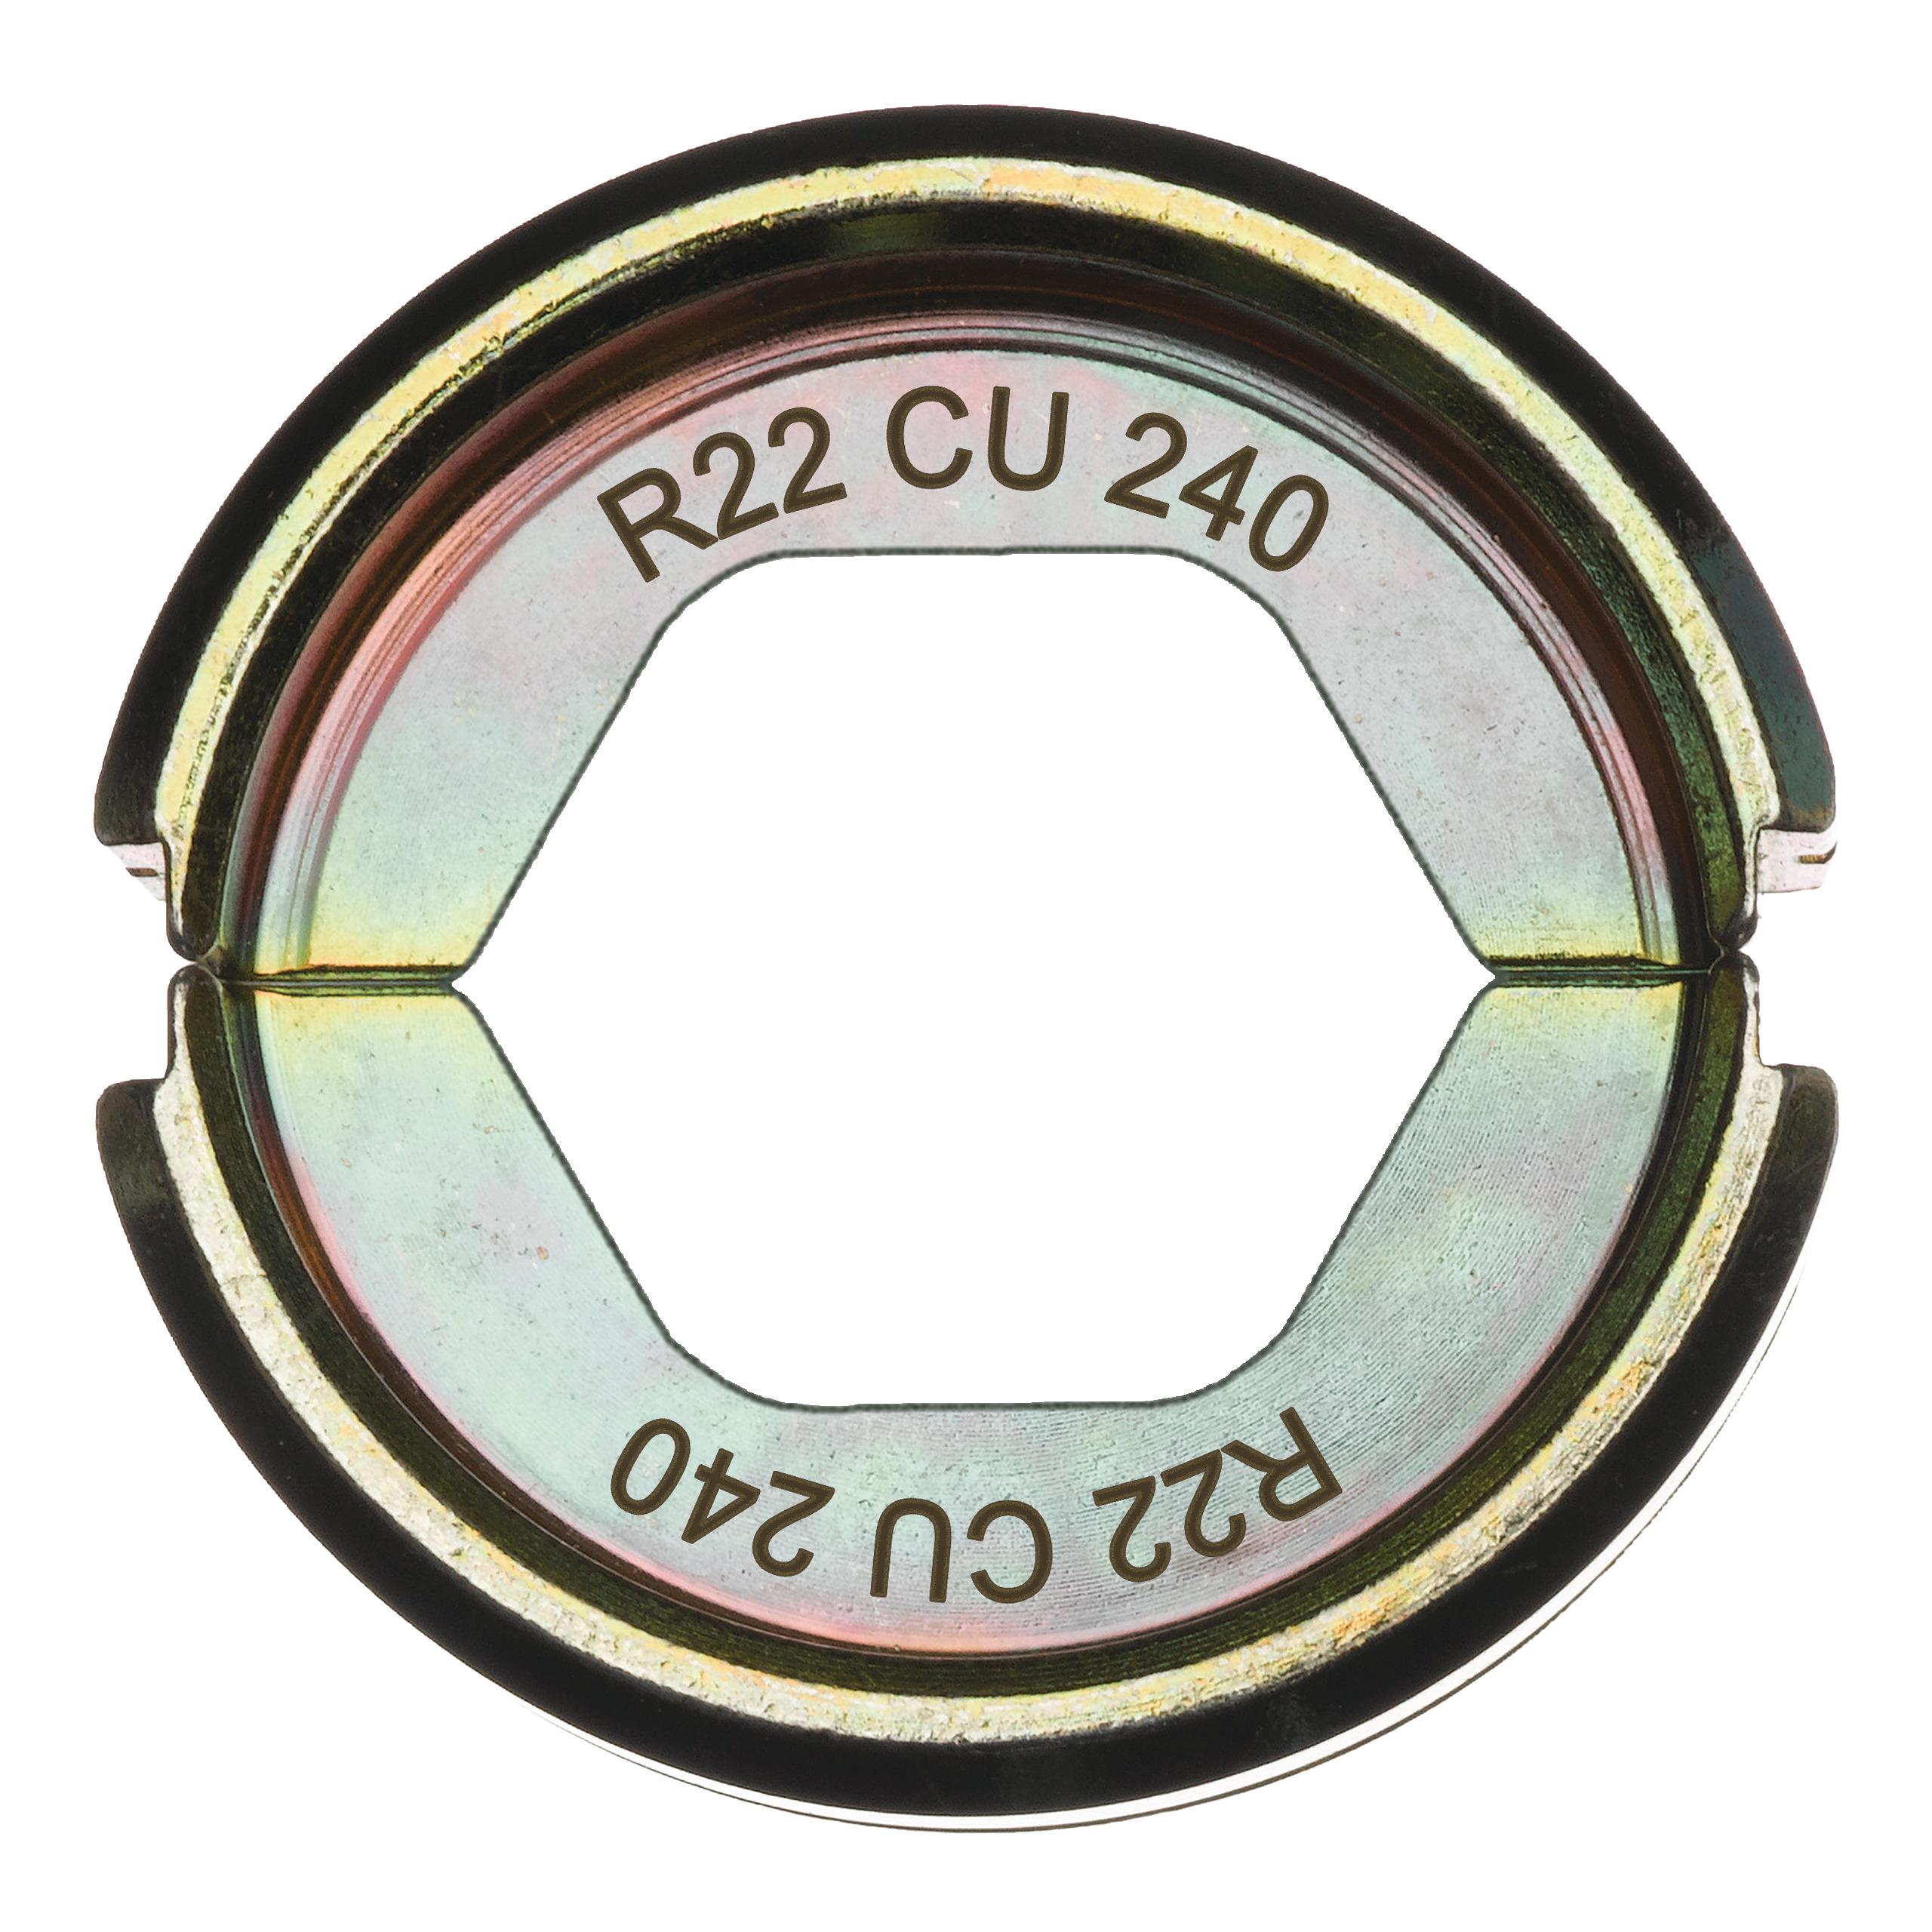 Krimpovací čelisti  R22 Cu 240